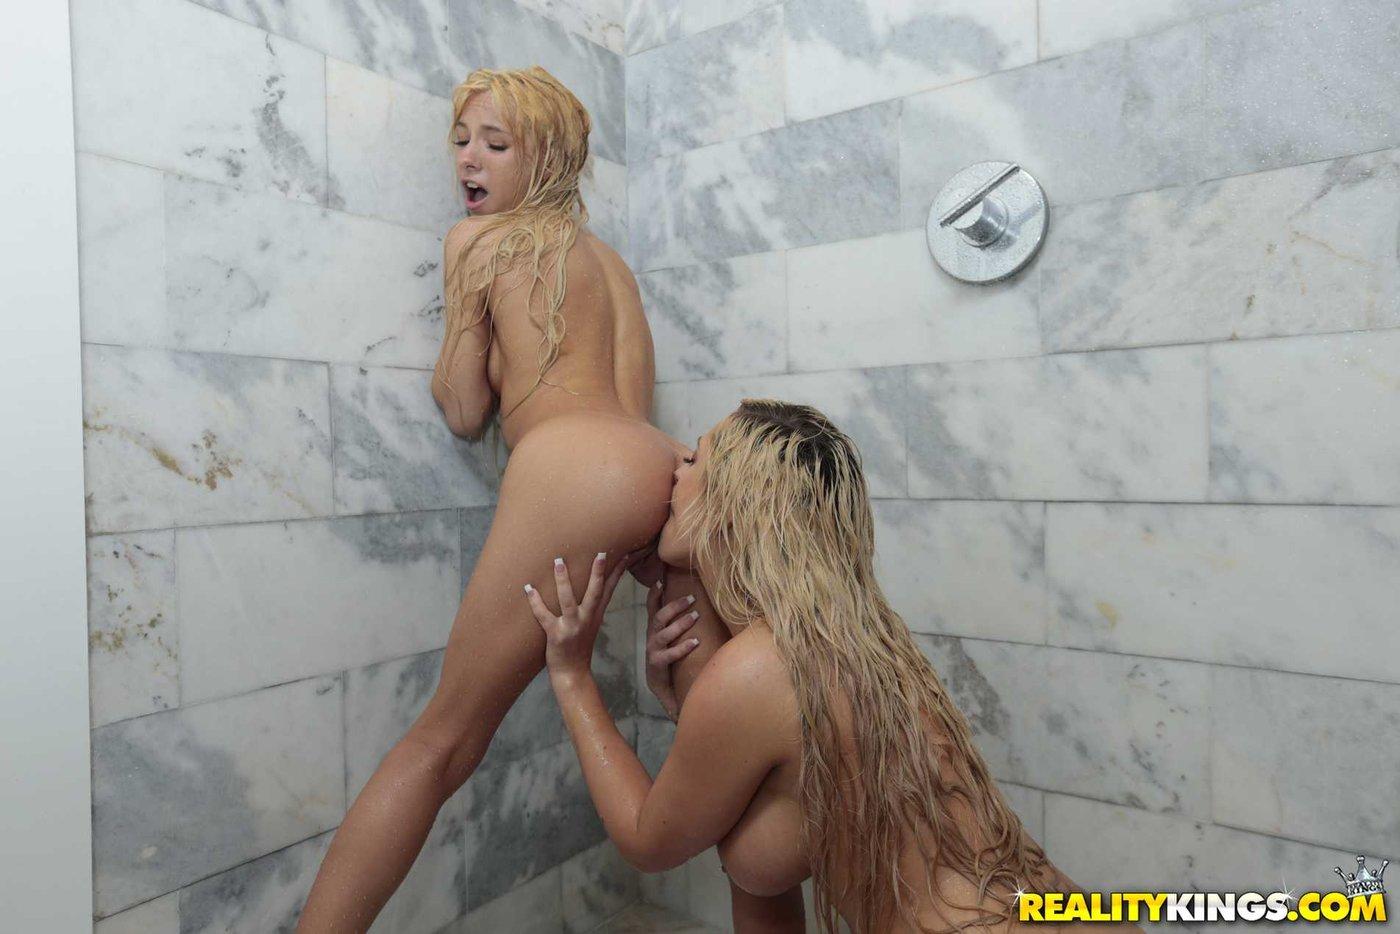 Лесби две блондинки в душе, русское домашнее порно телка кончает в судорогах жесткое